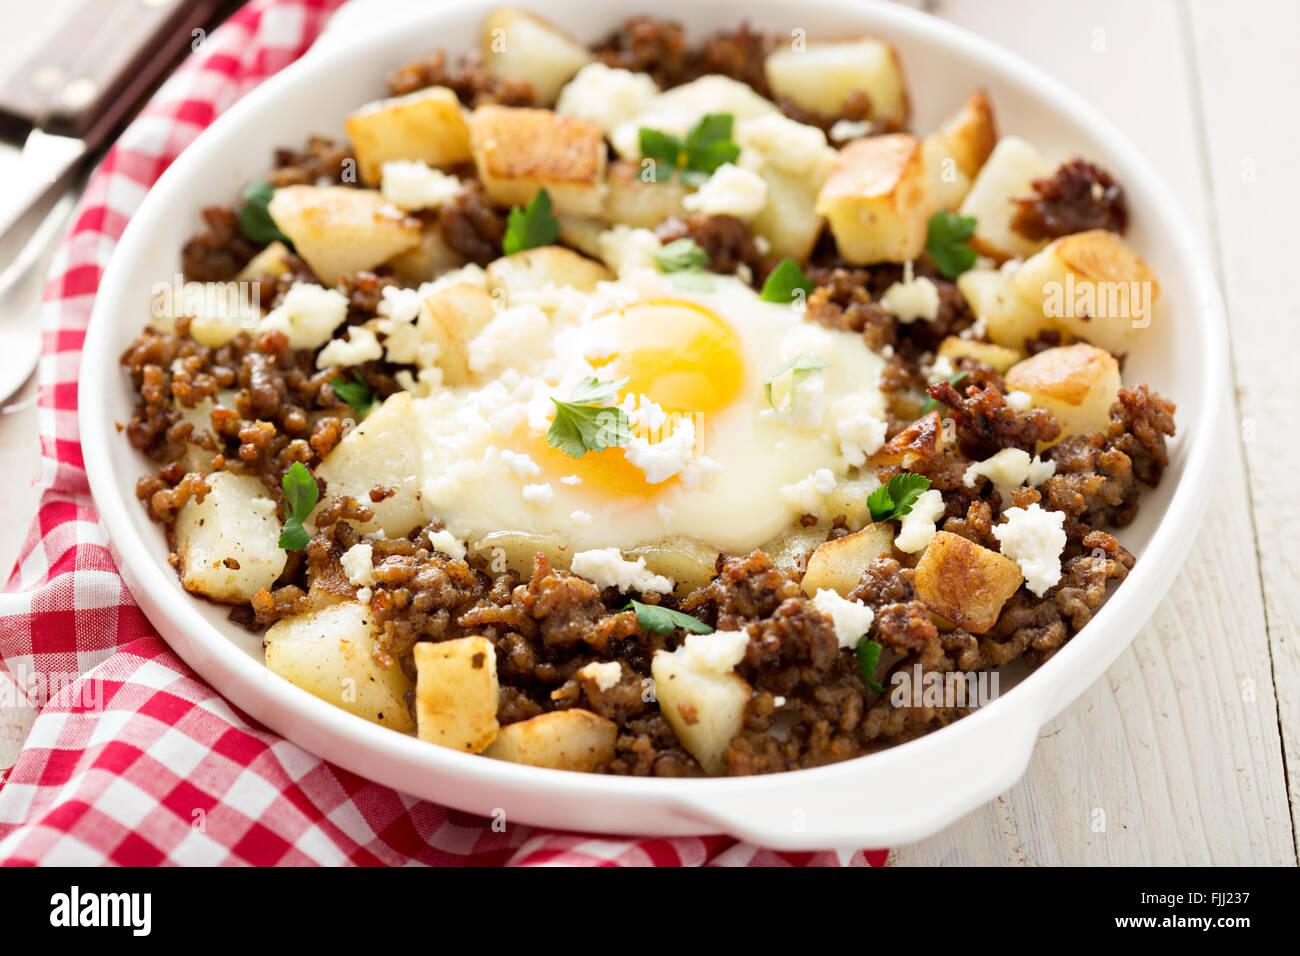 Hachage de pommes de terre avec de la saucisse et œuf frit Photo Stock